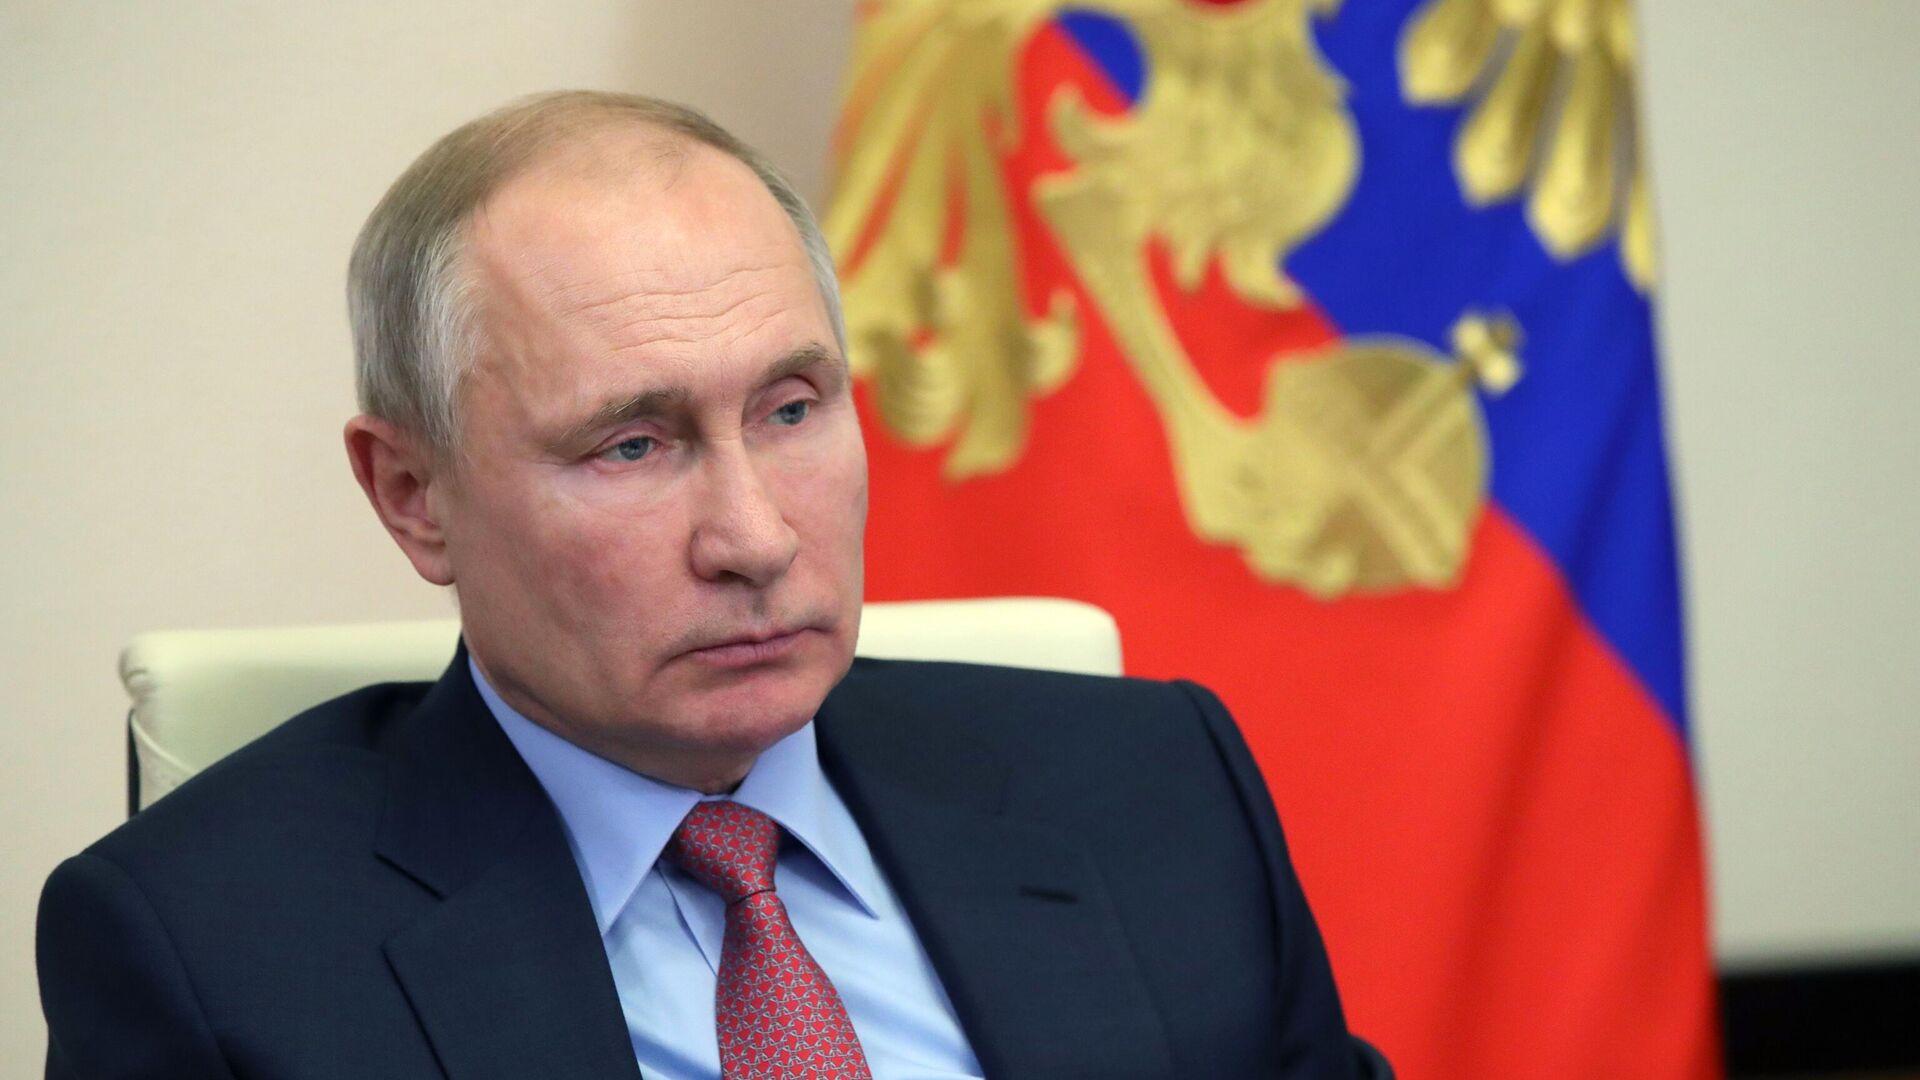 Президент РФ Владимир Путин проводит в режиме видеоконференции совещание по экономическим вопросам - РИА Новости, 1920, 26.01.2021